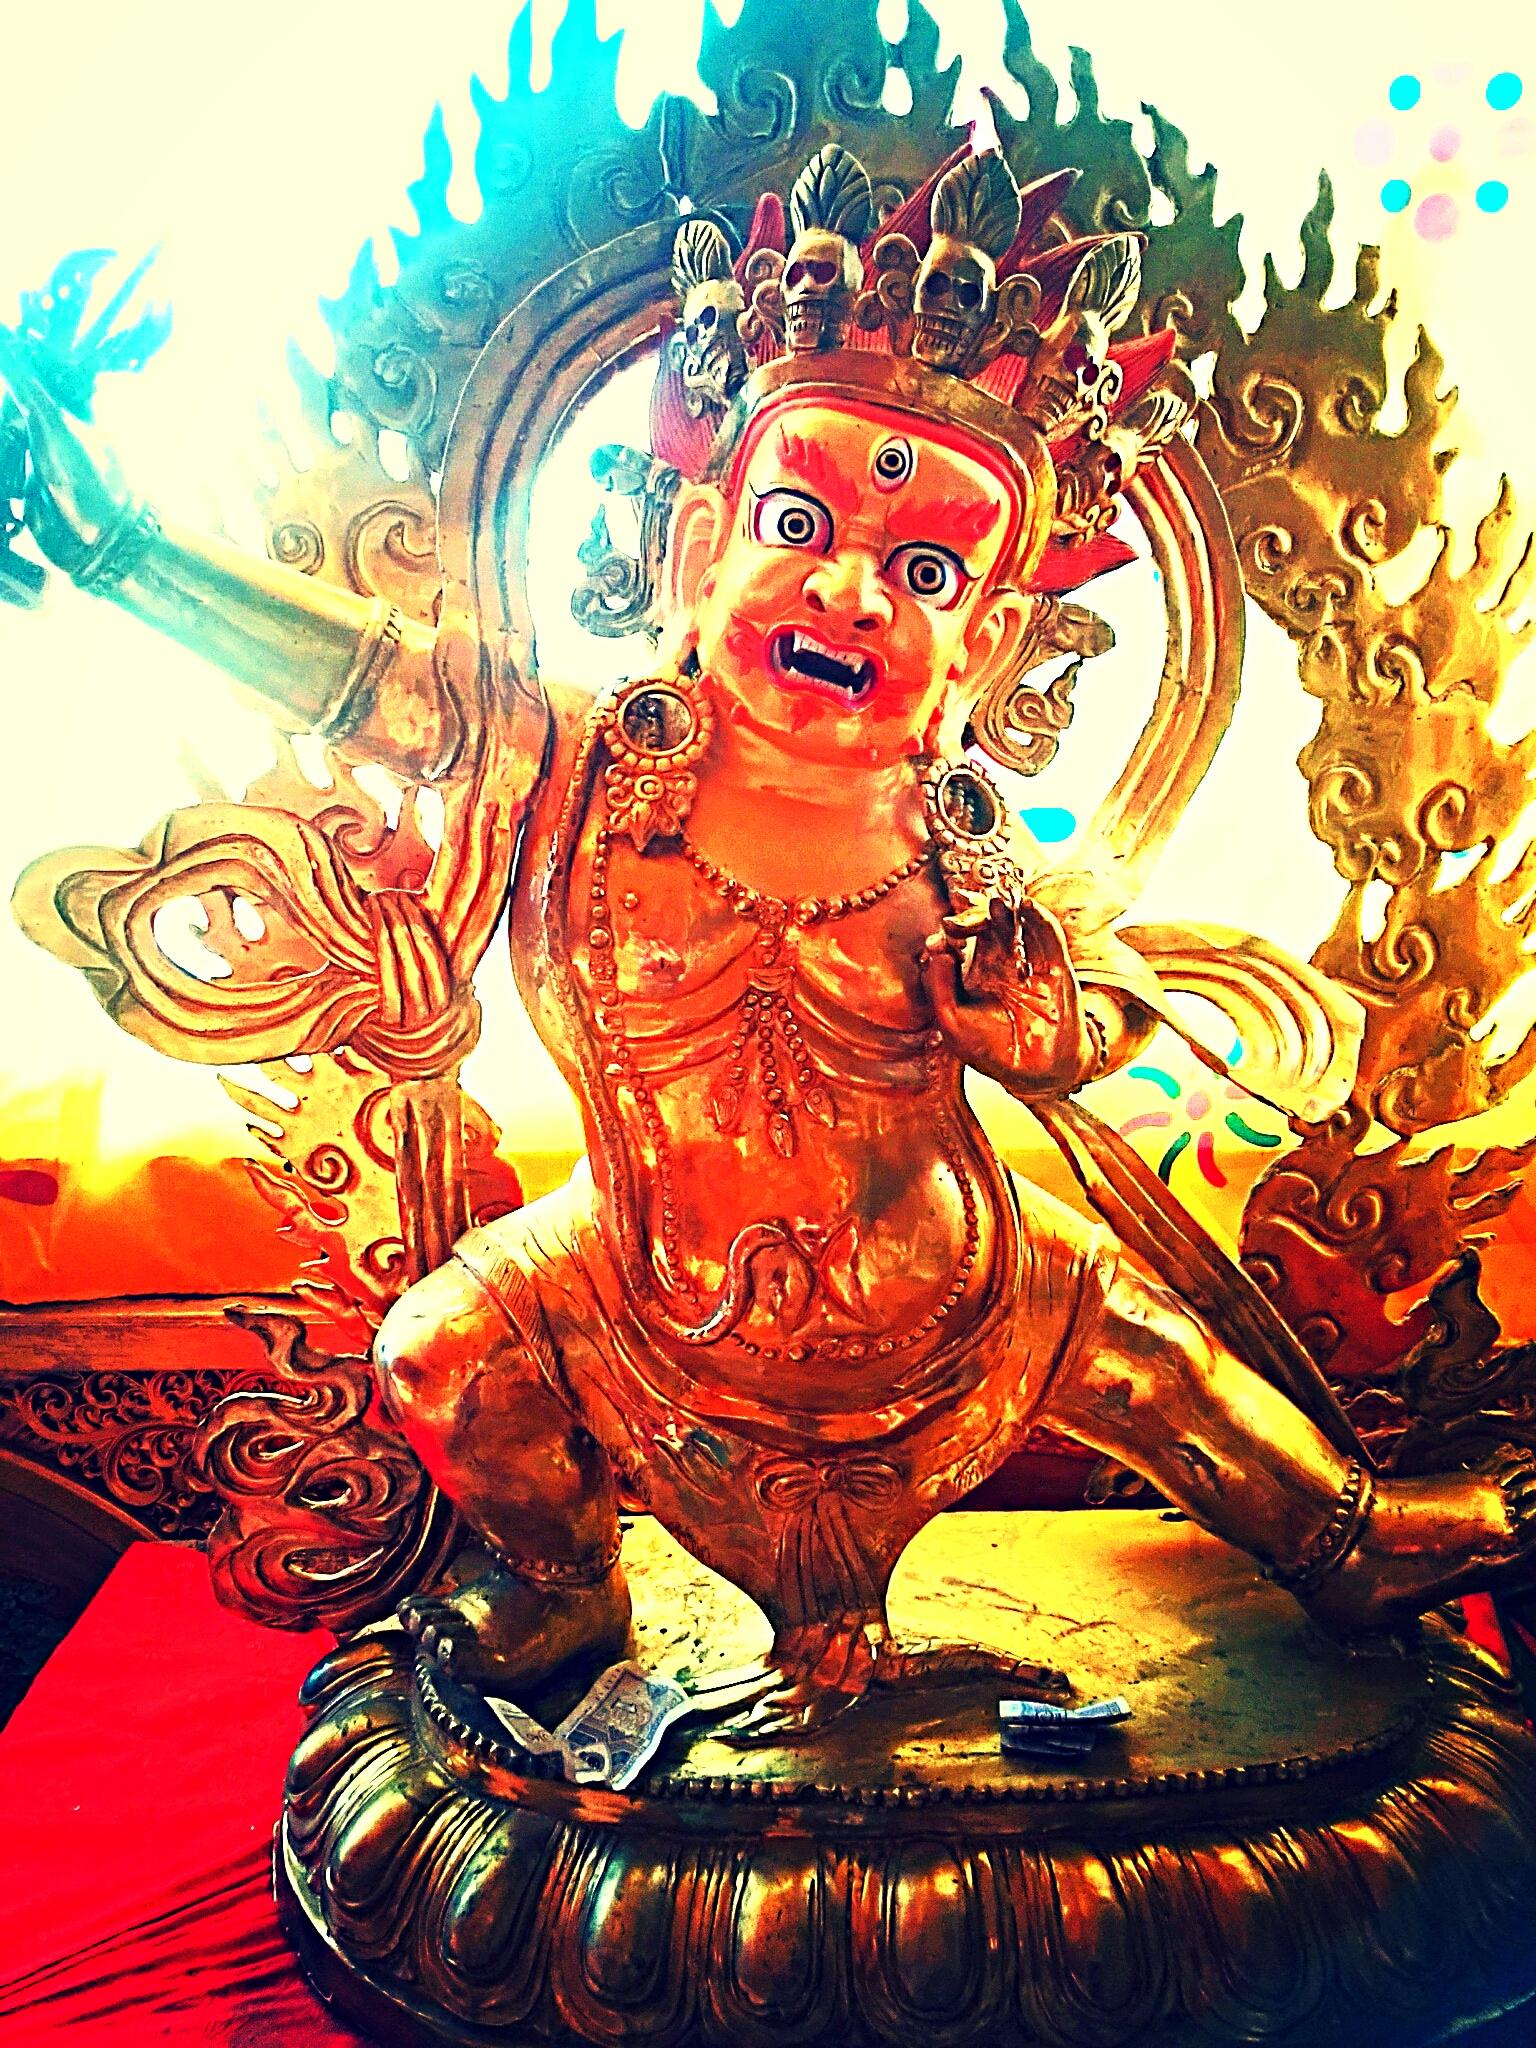 伝説の武器を持つ怒りの仏チャナ・ドルジェ(金剛手菩薩)とは?